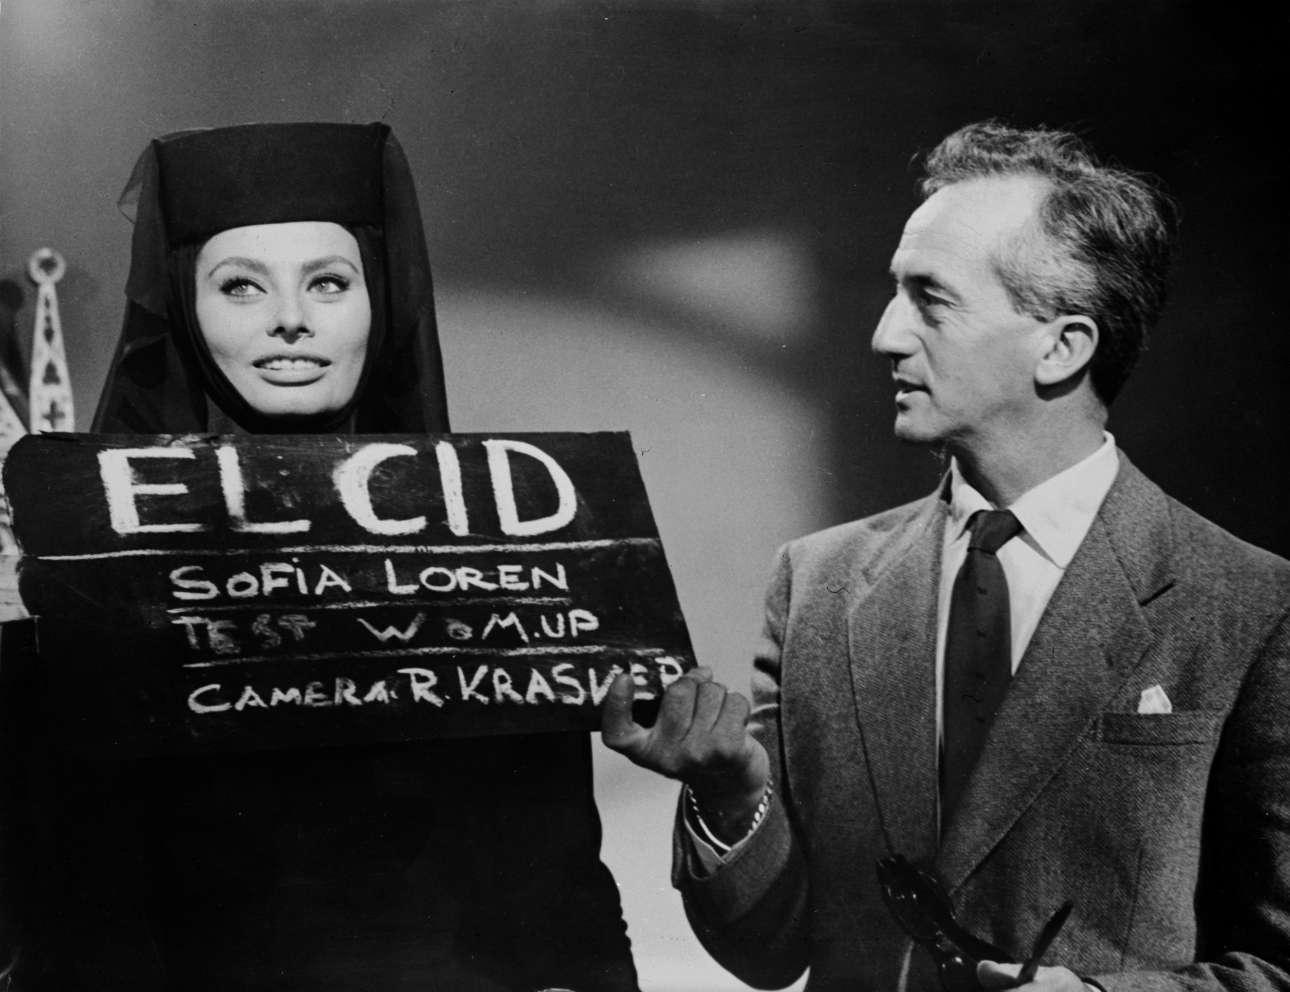 Νοέμβριος 1960, η Σοφία Λόρεν σε ένα δοκιμαστικό για το πώς «βγαίνει» χωρίς μακιγιάζ για το έπος «Ελ Σιντ» στο οποίο έπαιζε πλάι στον Τσάρλτον Ιστον